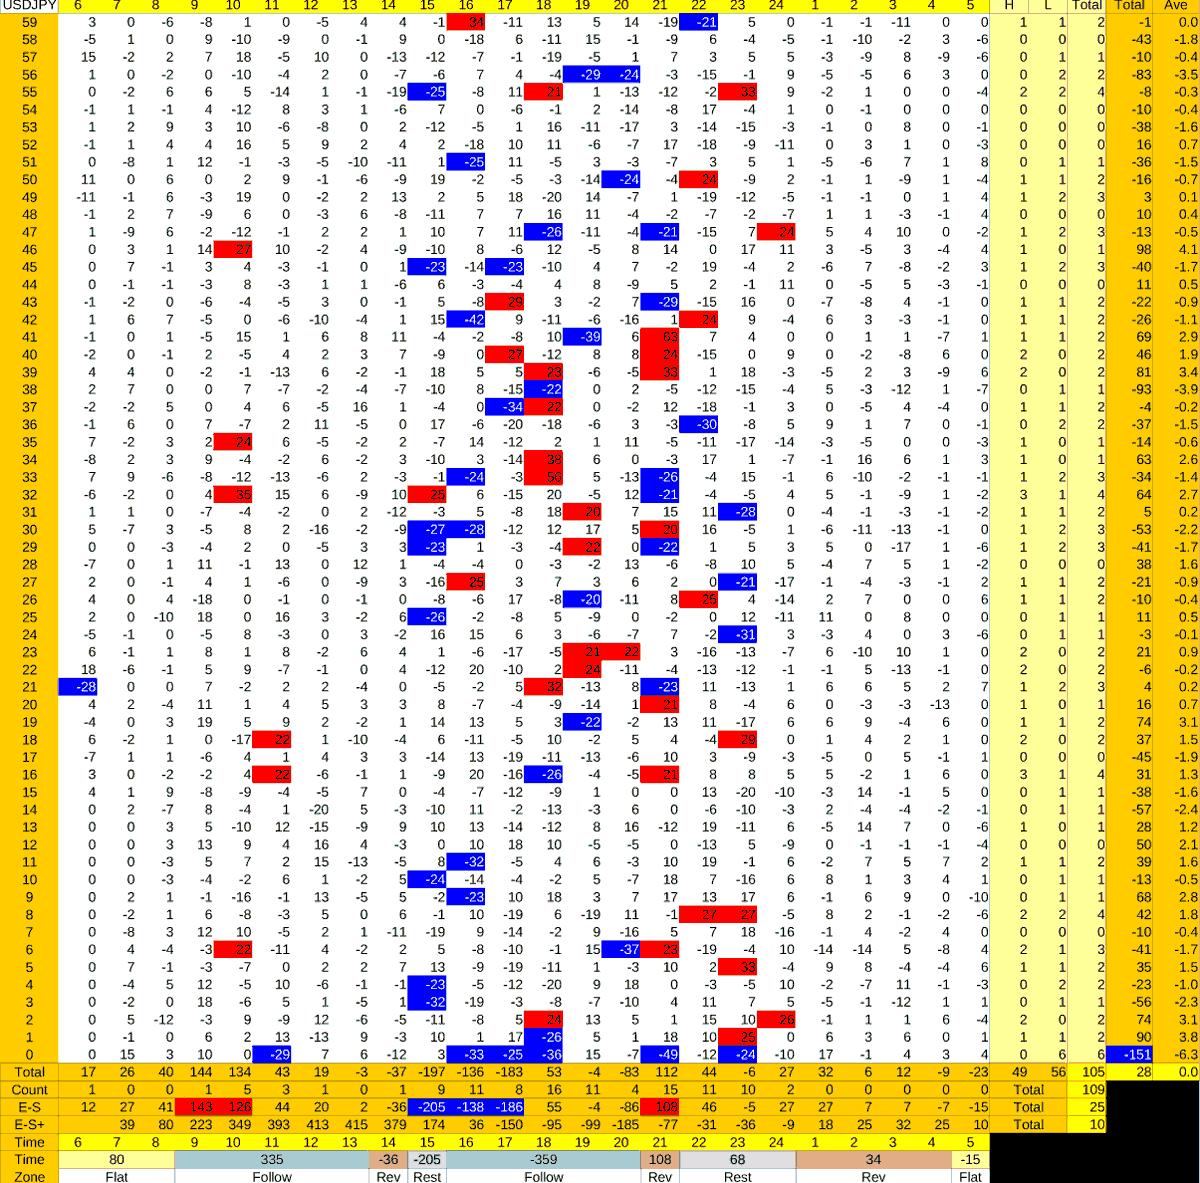 20210819_HS(1)USDJPY